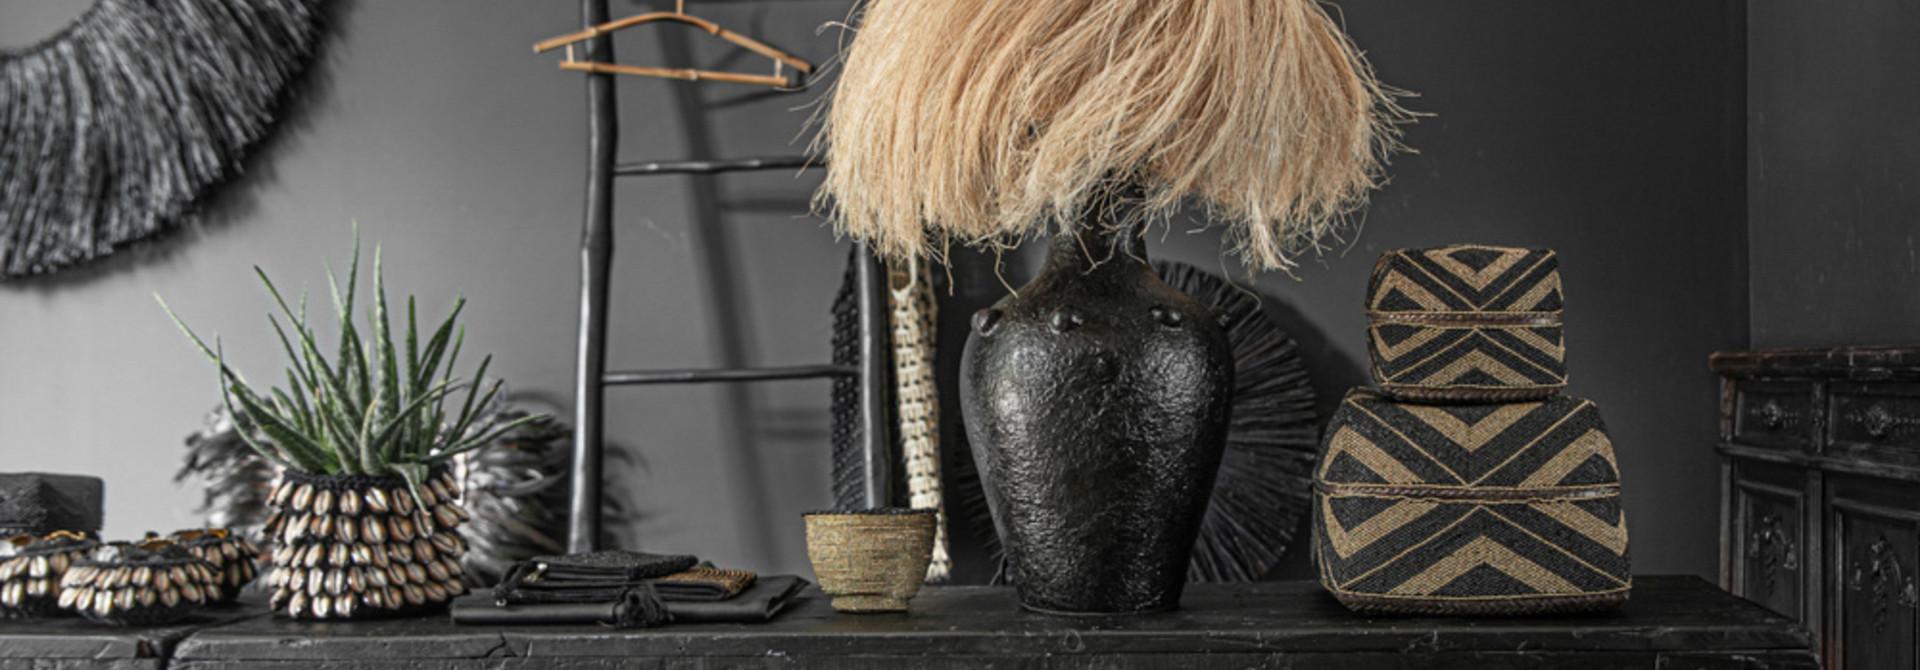 Abaca Tafellamp - Black Natural - 47 cm